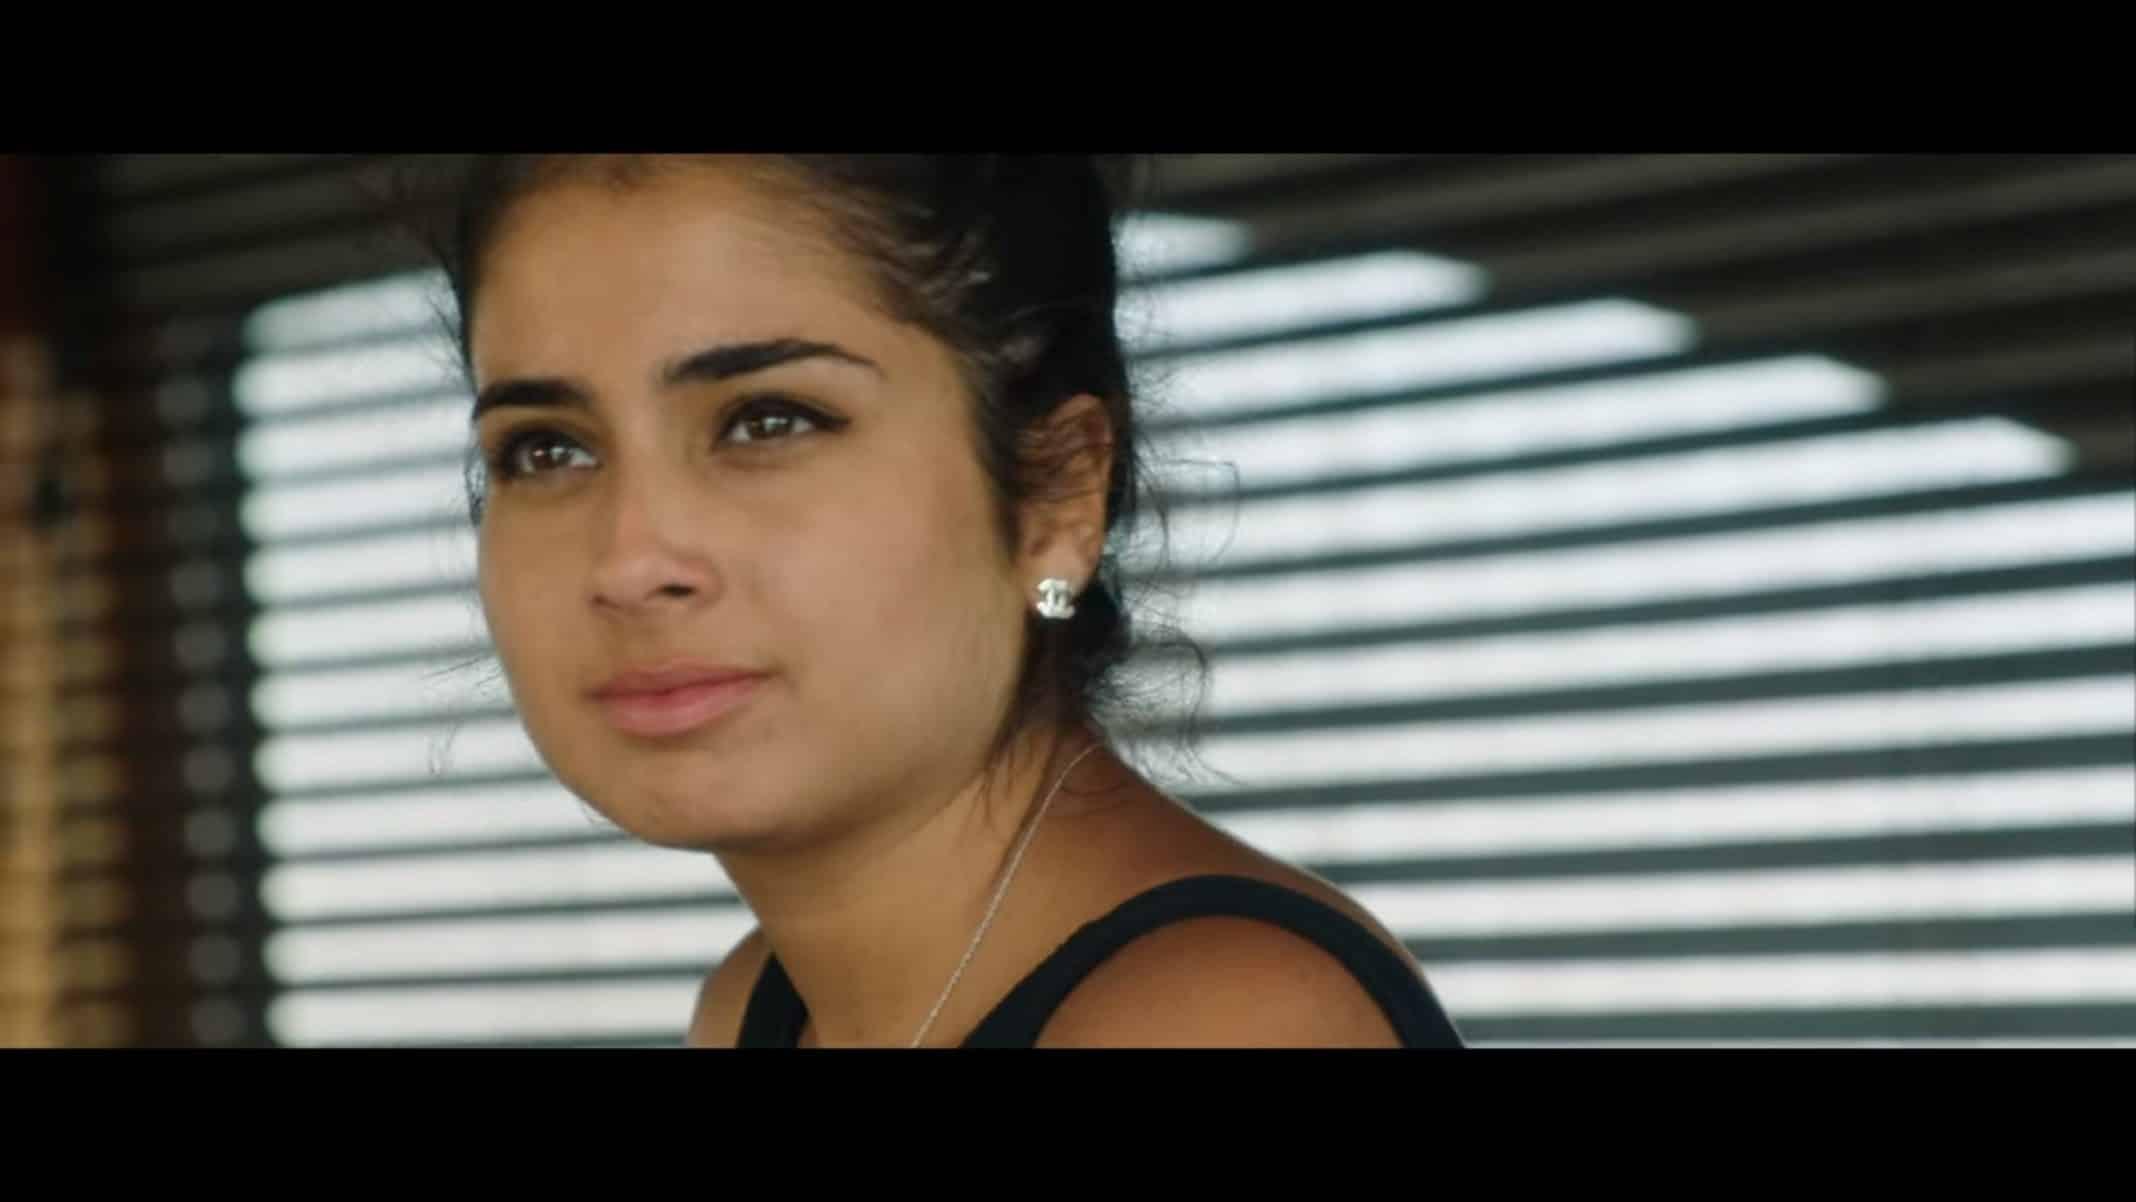 Naima (Mina Farid)